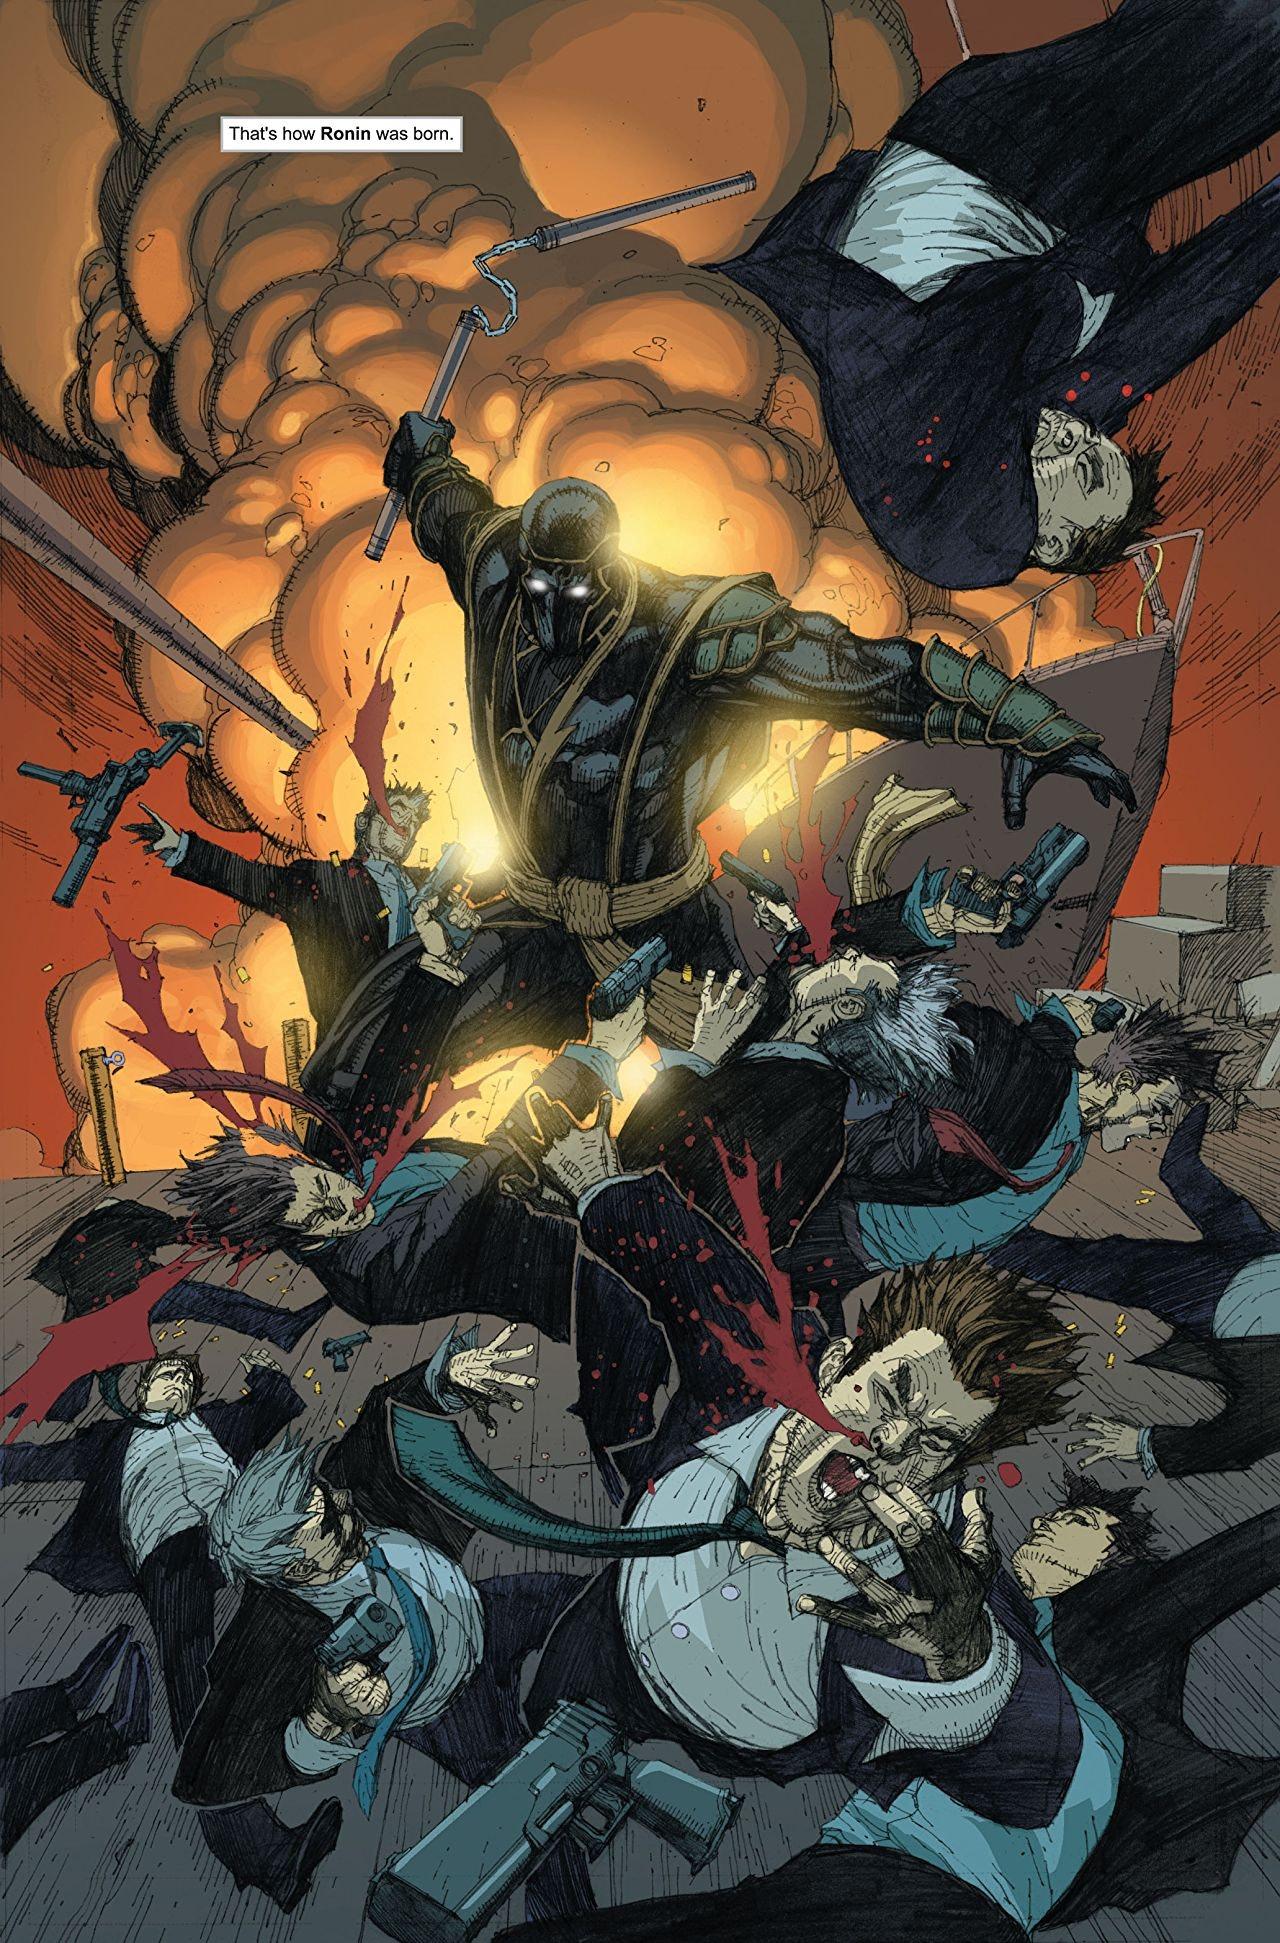 Marvel Ronin Avengers Endgame Hawkeye Comics